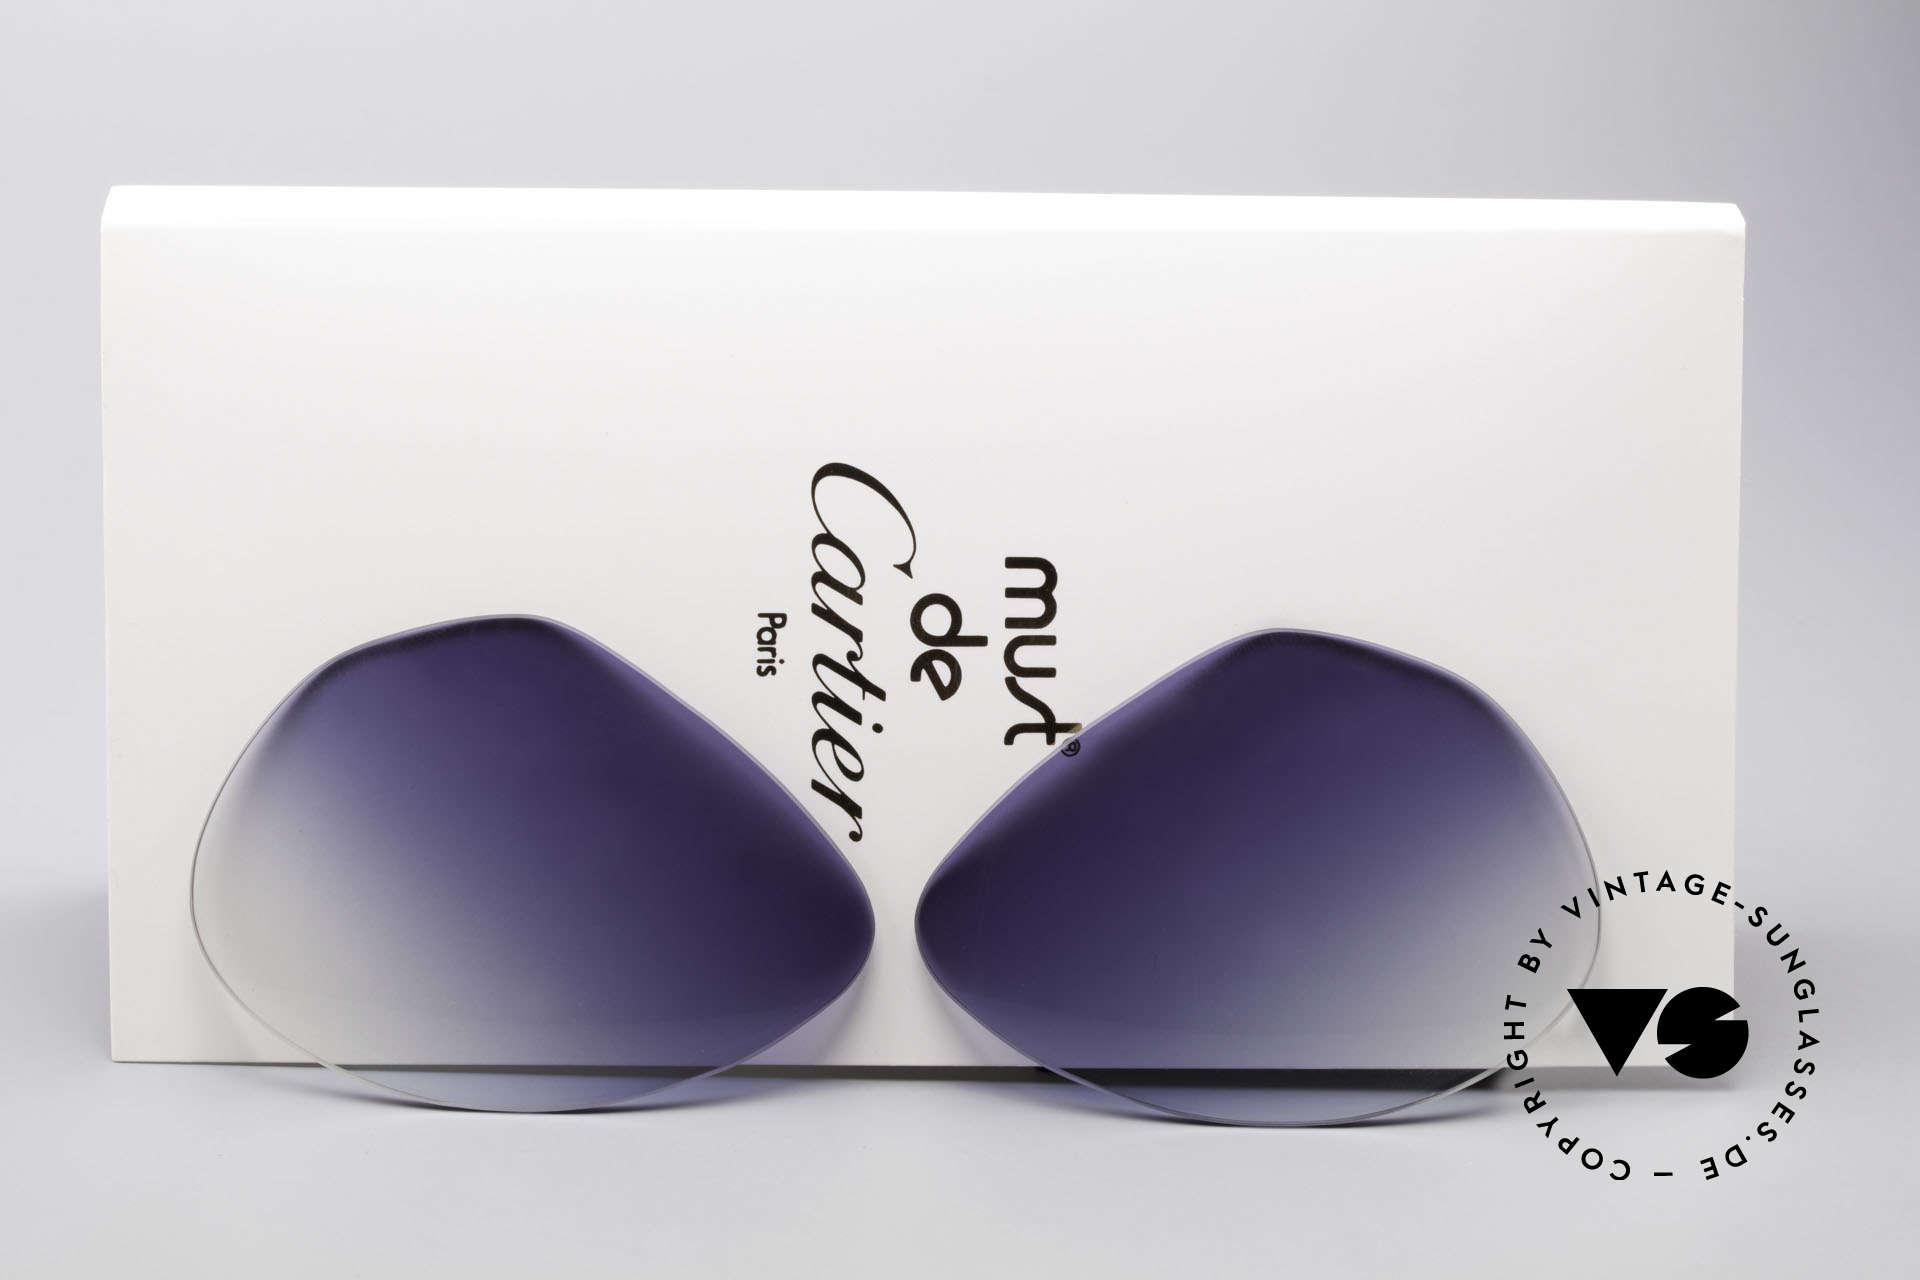 Cartier Vendome Lenses - L Blue Gradient Sun Lenses, replacement lenses for Cartier mod. Vendome 62mm size, Made for Men